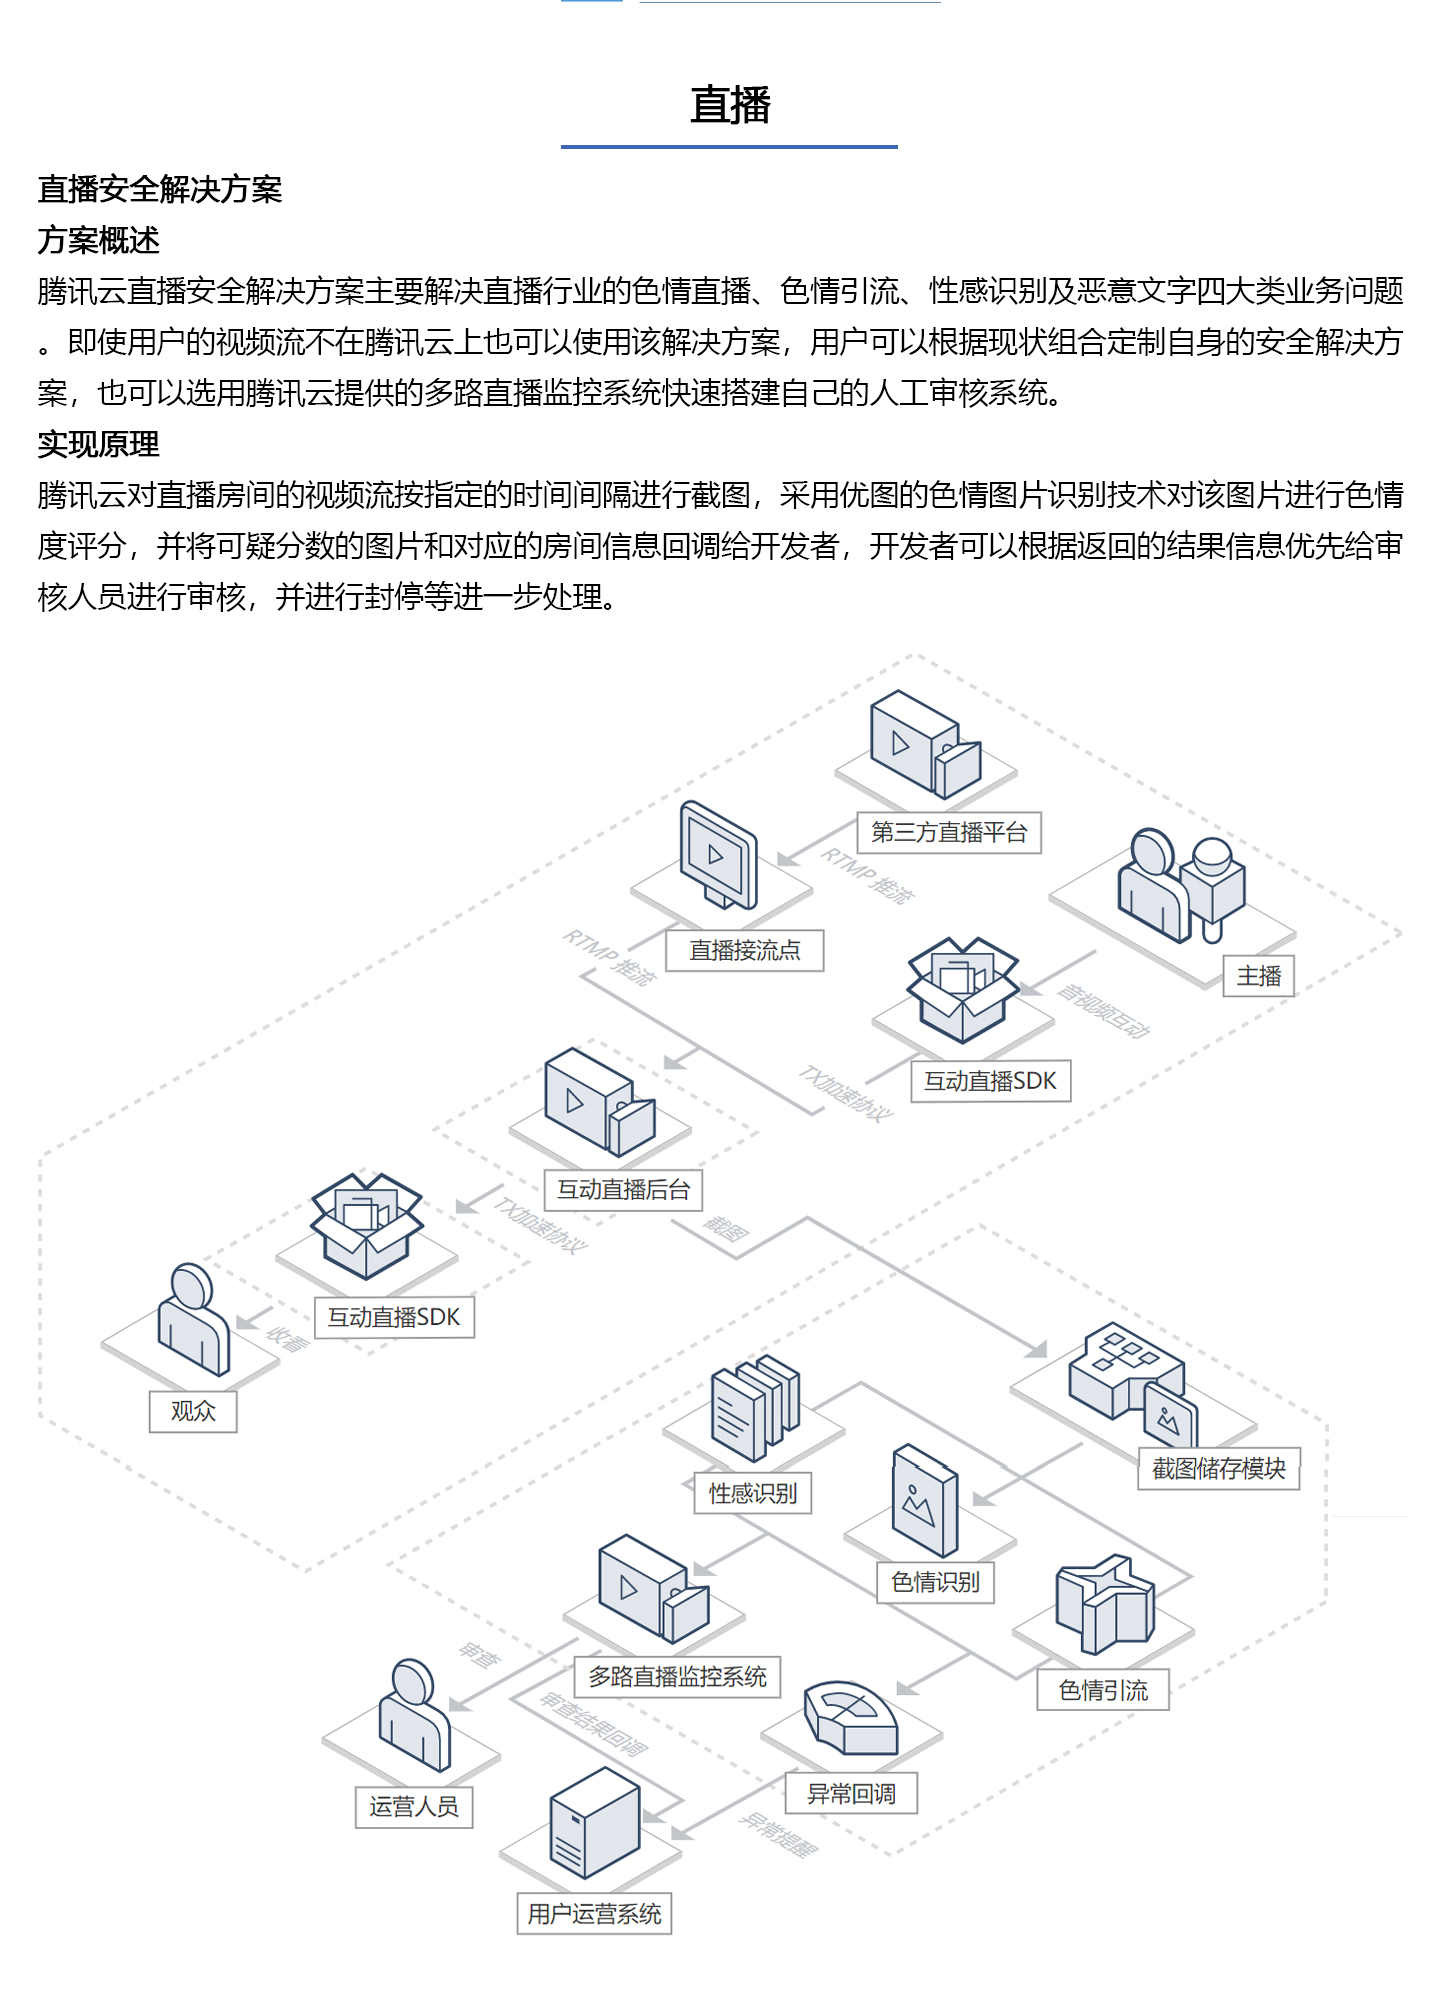 直播安全解决方案1440_02.jpg